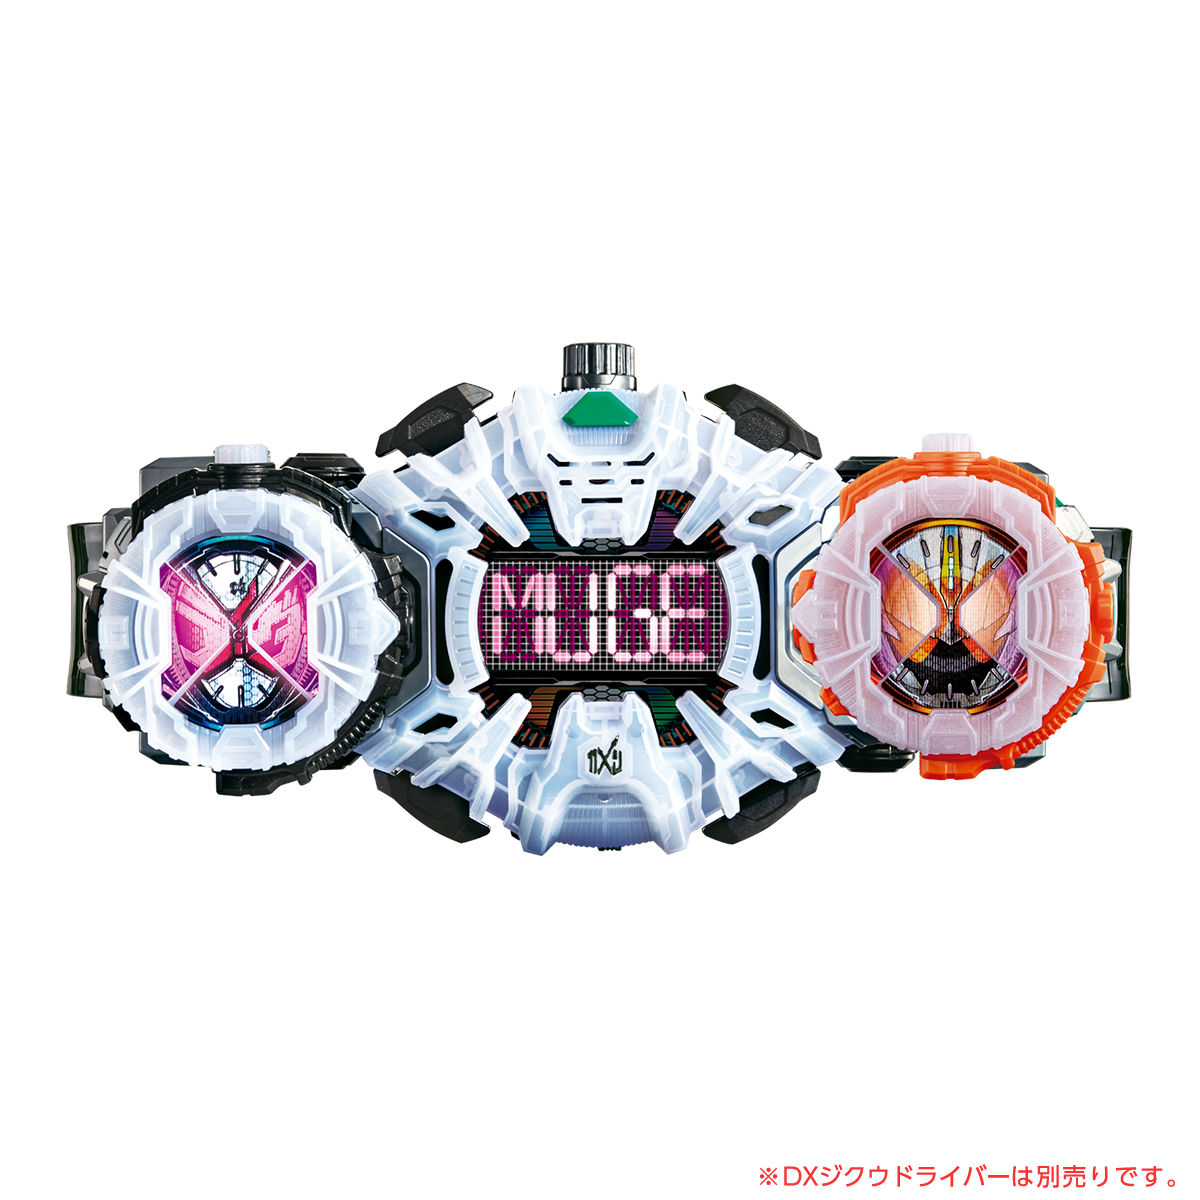 仮面ライダージオウ『DXゴーストムゲン魂ライドウォッチ』変身なりきり-004